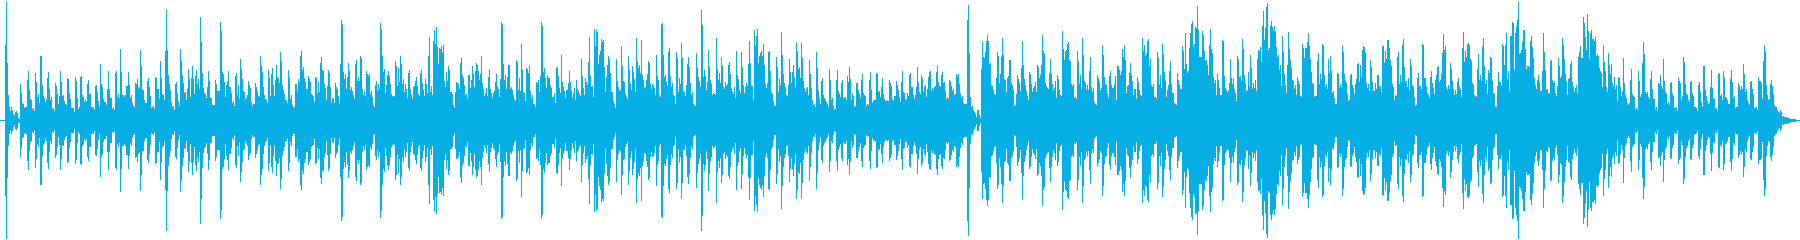 神秘的な響きが魅力なインスト曲の再生済みの波形